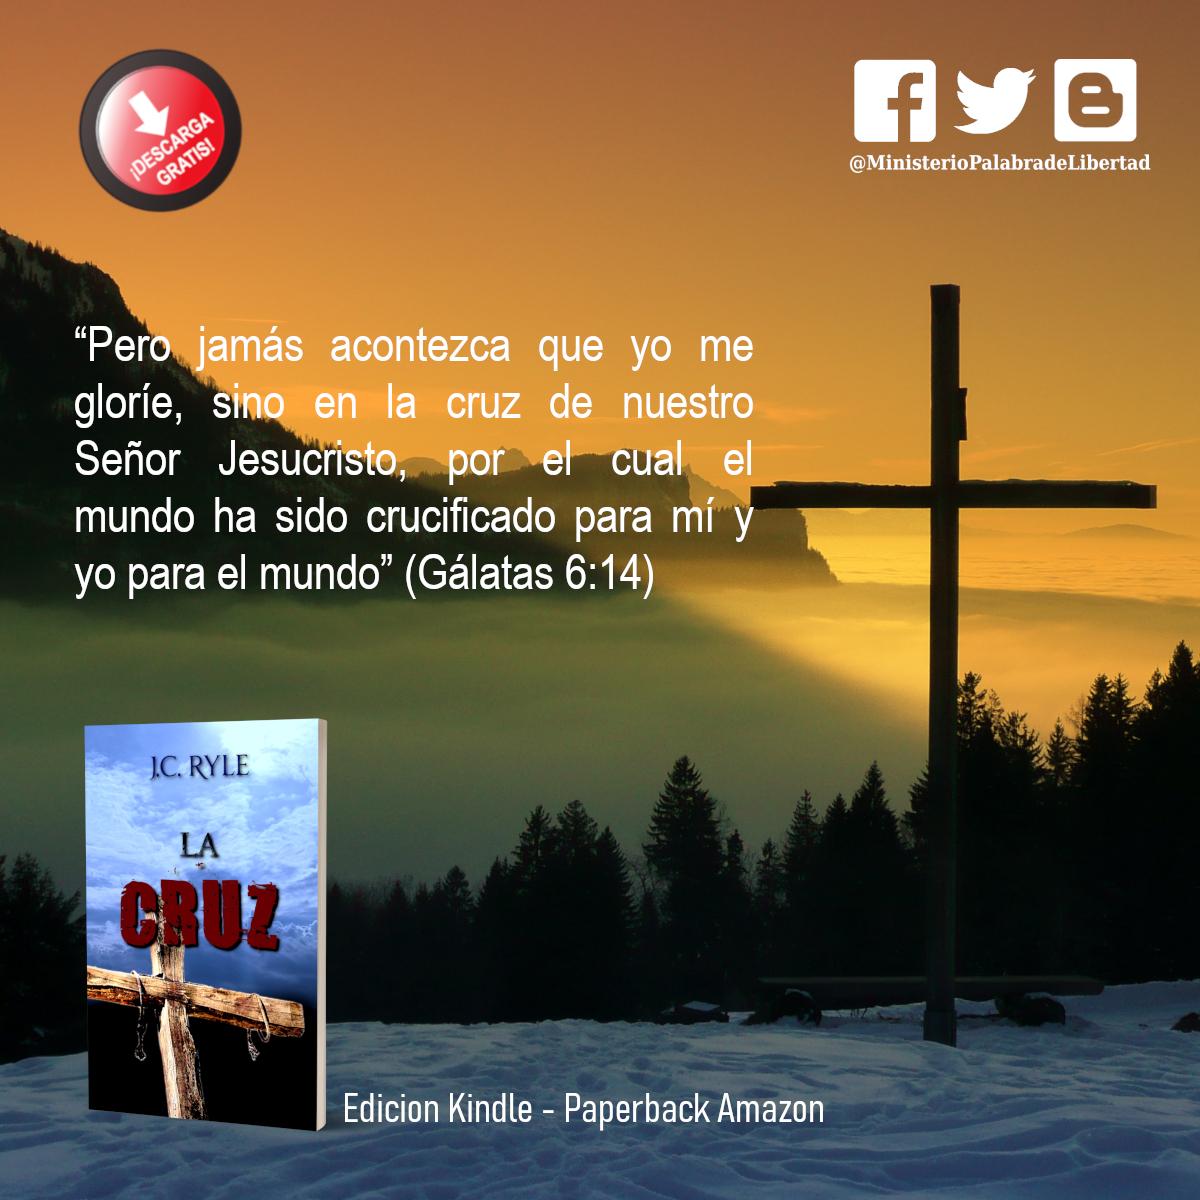 La Cruz - J. C. Ryle